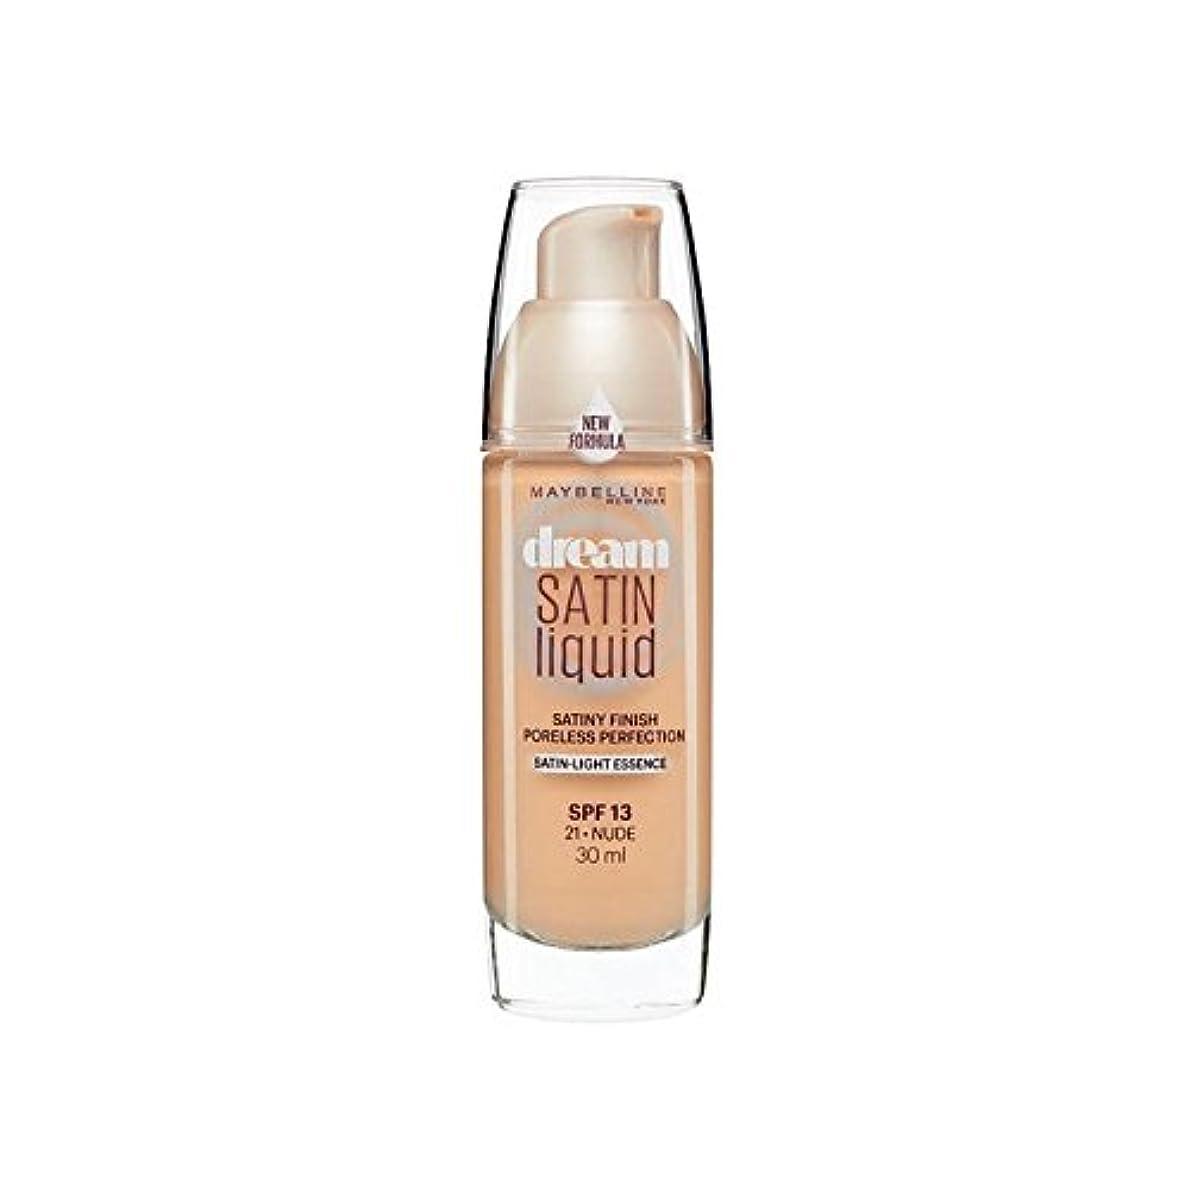 規制ポルティコアトムメイベリン夢サテンリキッドファンデーション21ヌード30ミリリットル x4 - Maybelline Dream Satin Liquid Foundation 21 Nude 30ml (Pack of 4) [並行輸入品]